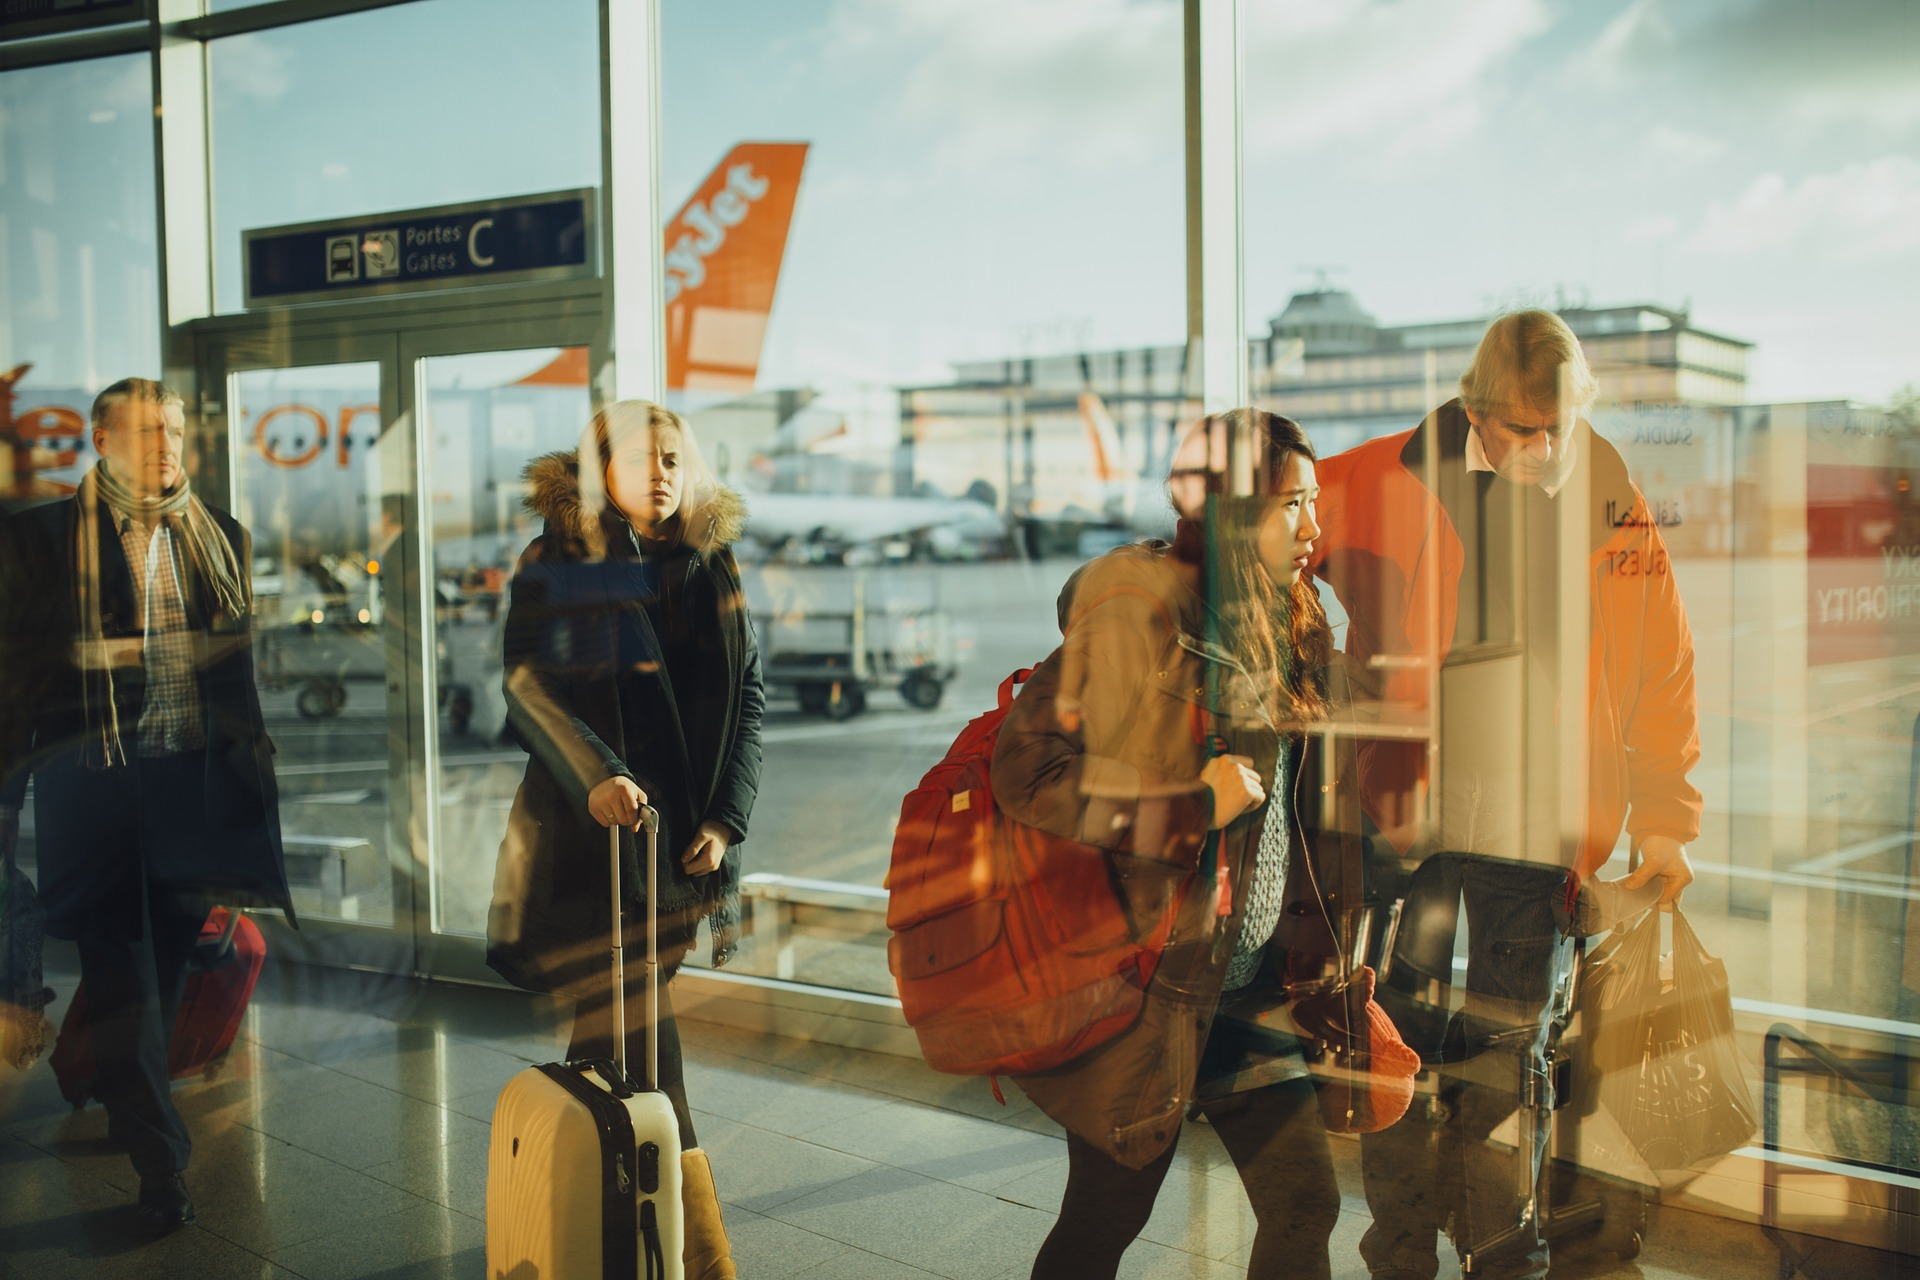 Bilde av en glassvegg på en stasjon eller flyplass som reflekterer tre personer med koffert